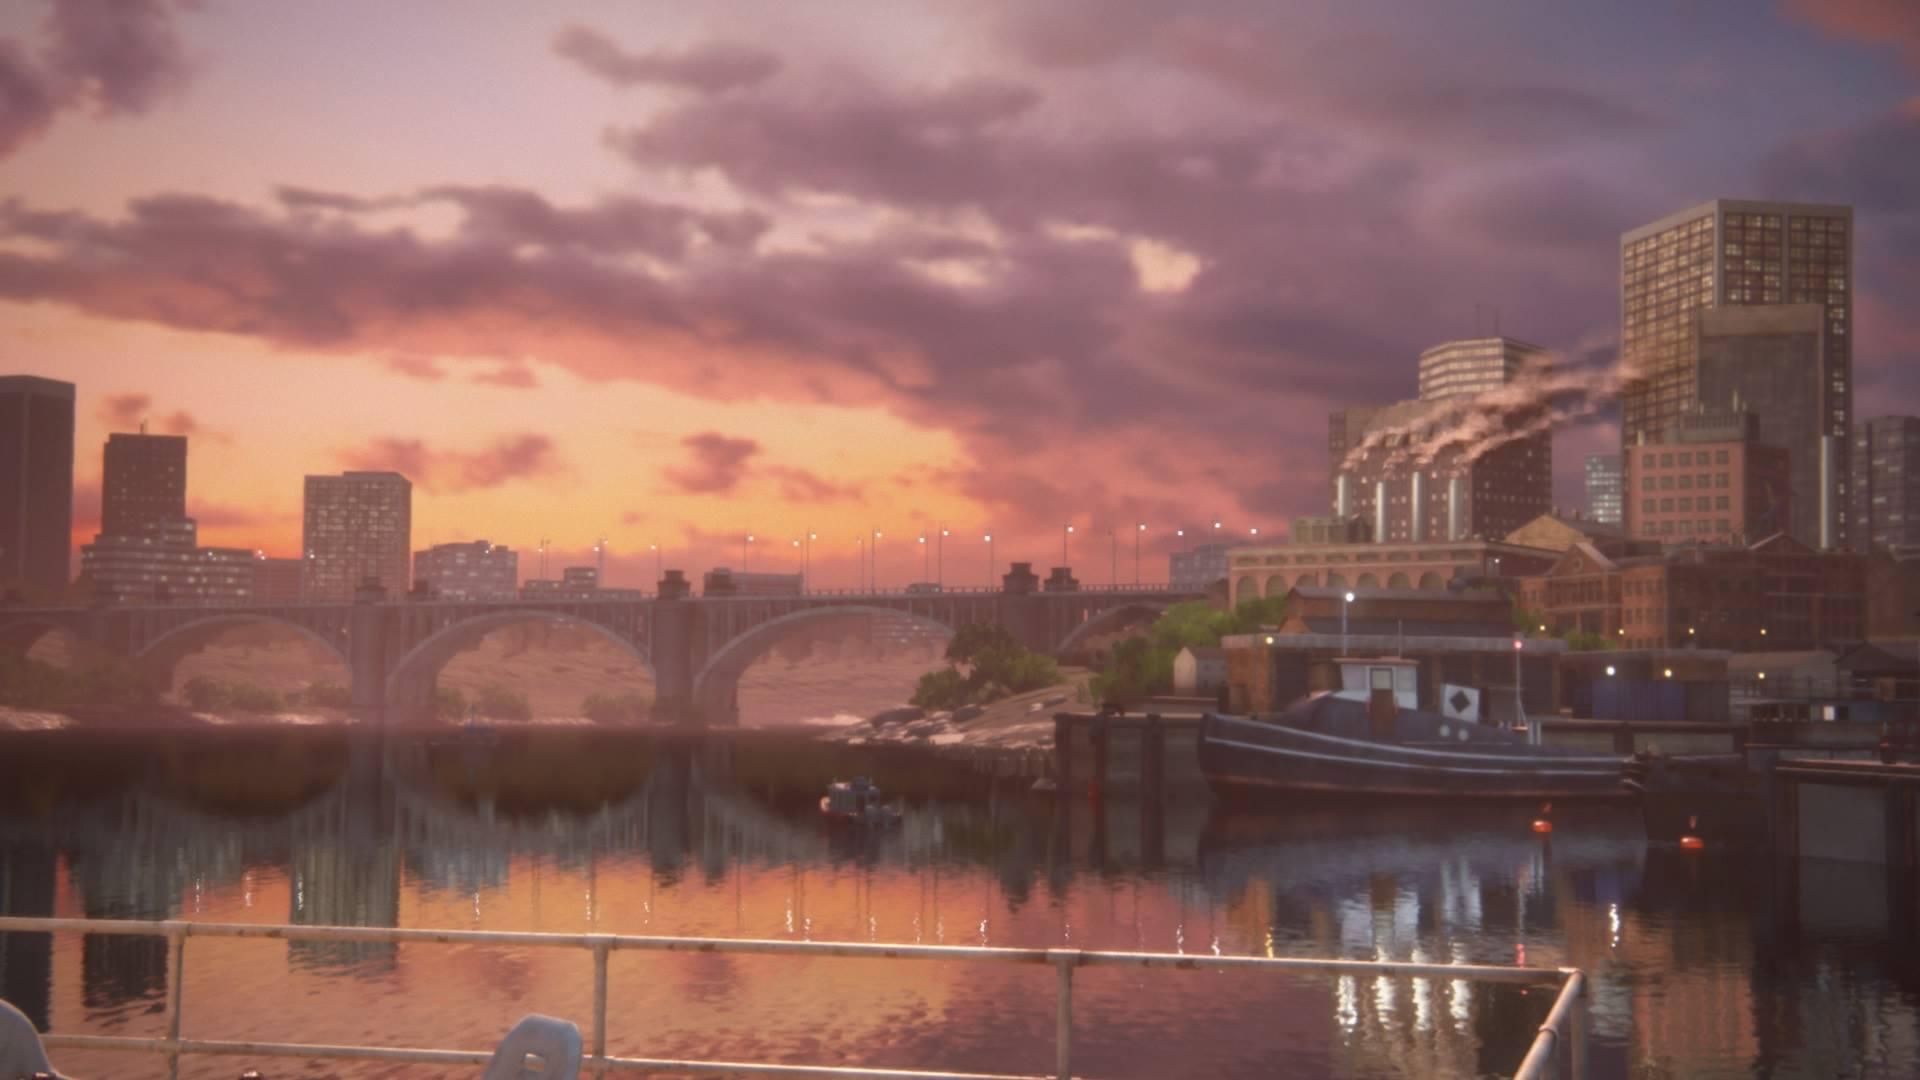 Наполненное приключение! Сэр Макс Фрай о Uncharted 4! - Изображение 8